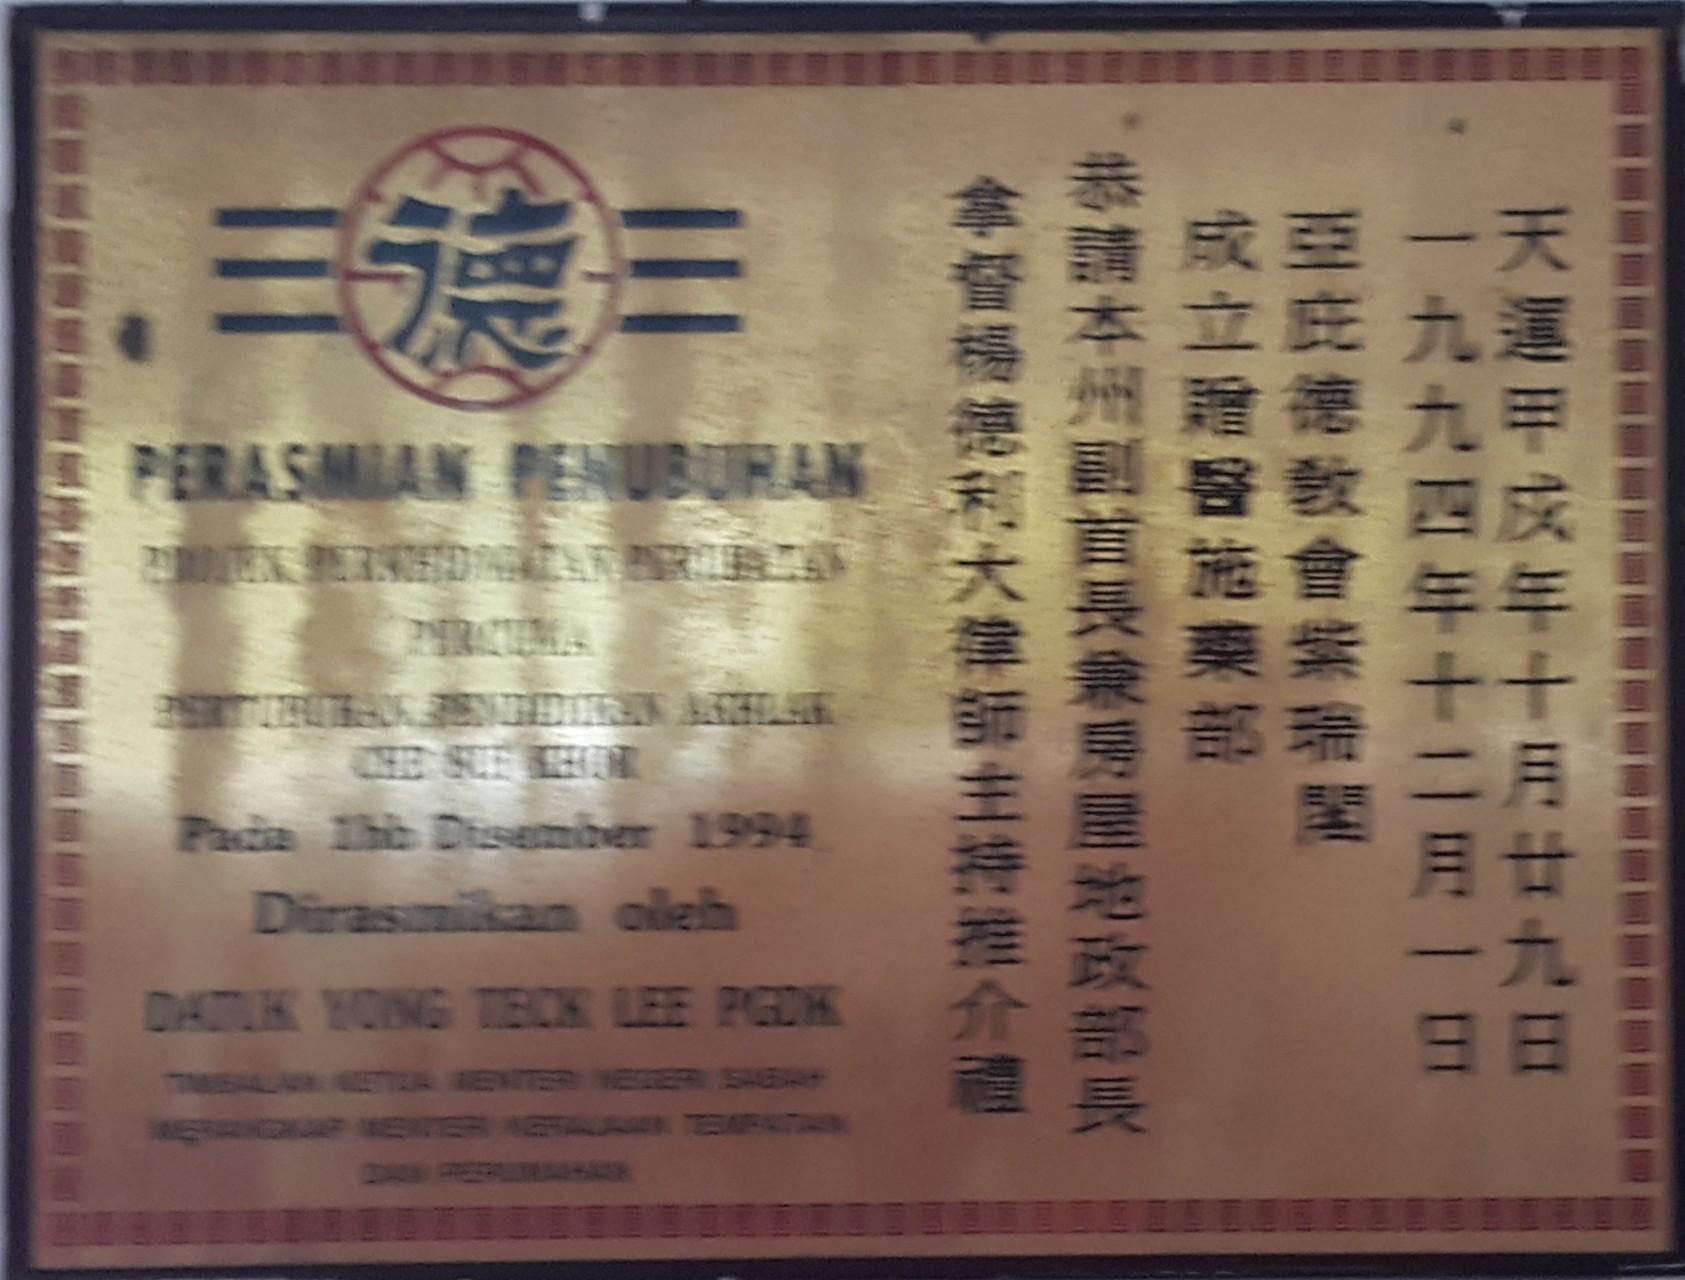 【贈醫施藥部】成立儀式銘牌 (1994年12月1日)